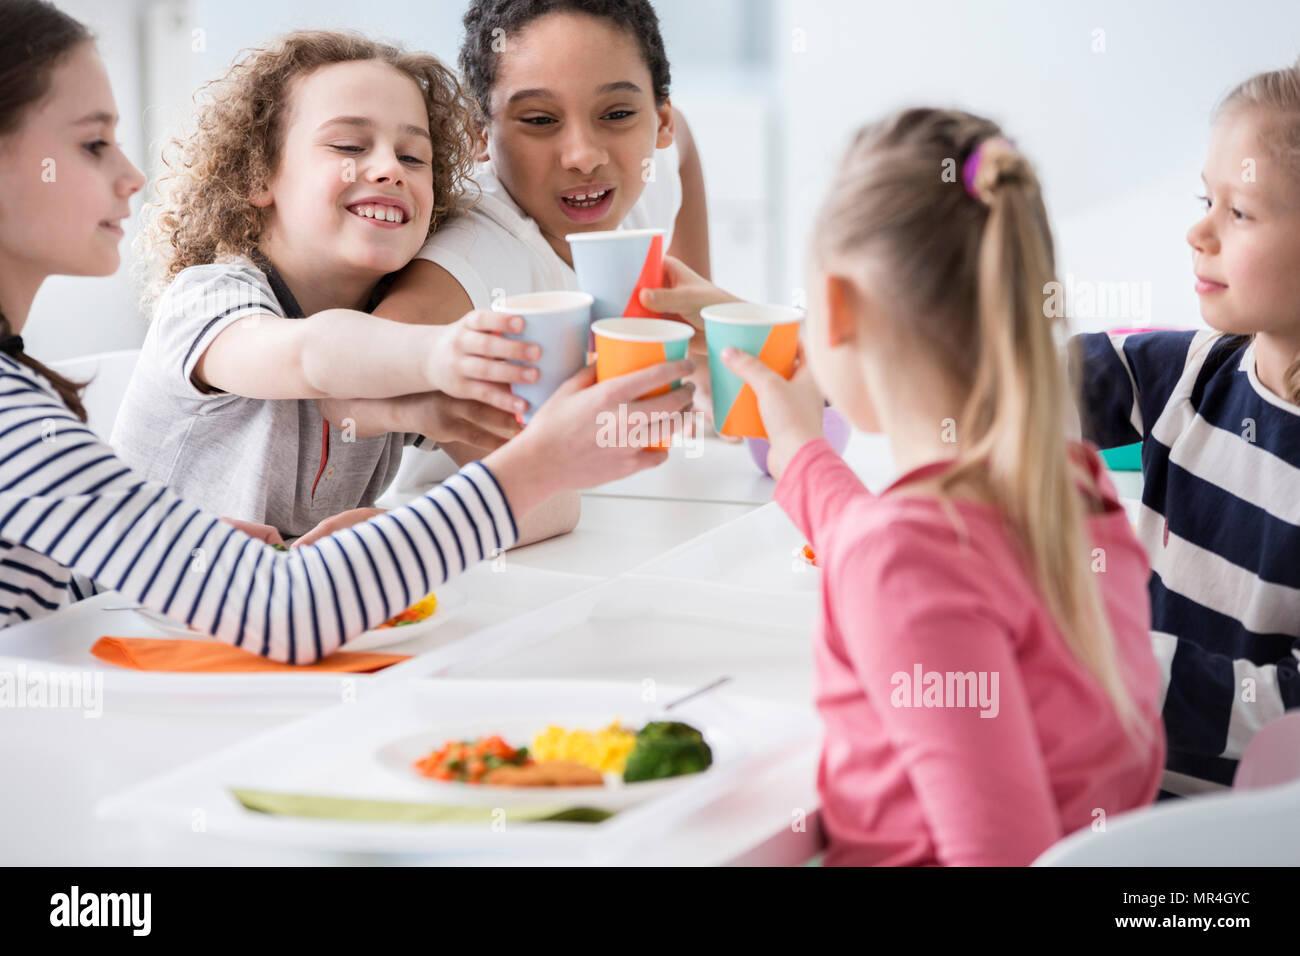 Gruppo multiculturale dei bambini la tostatura durante la festa di compleanno a casa Immagini Stock